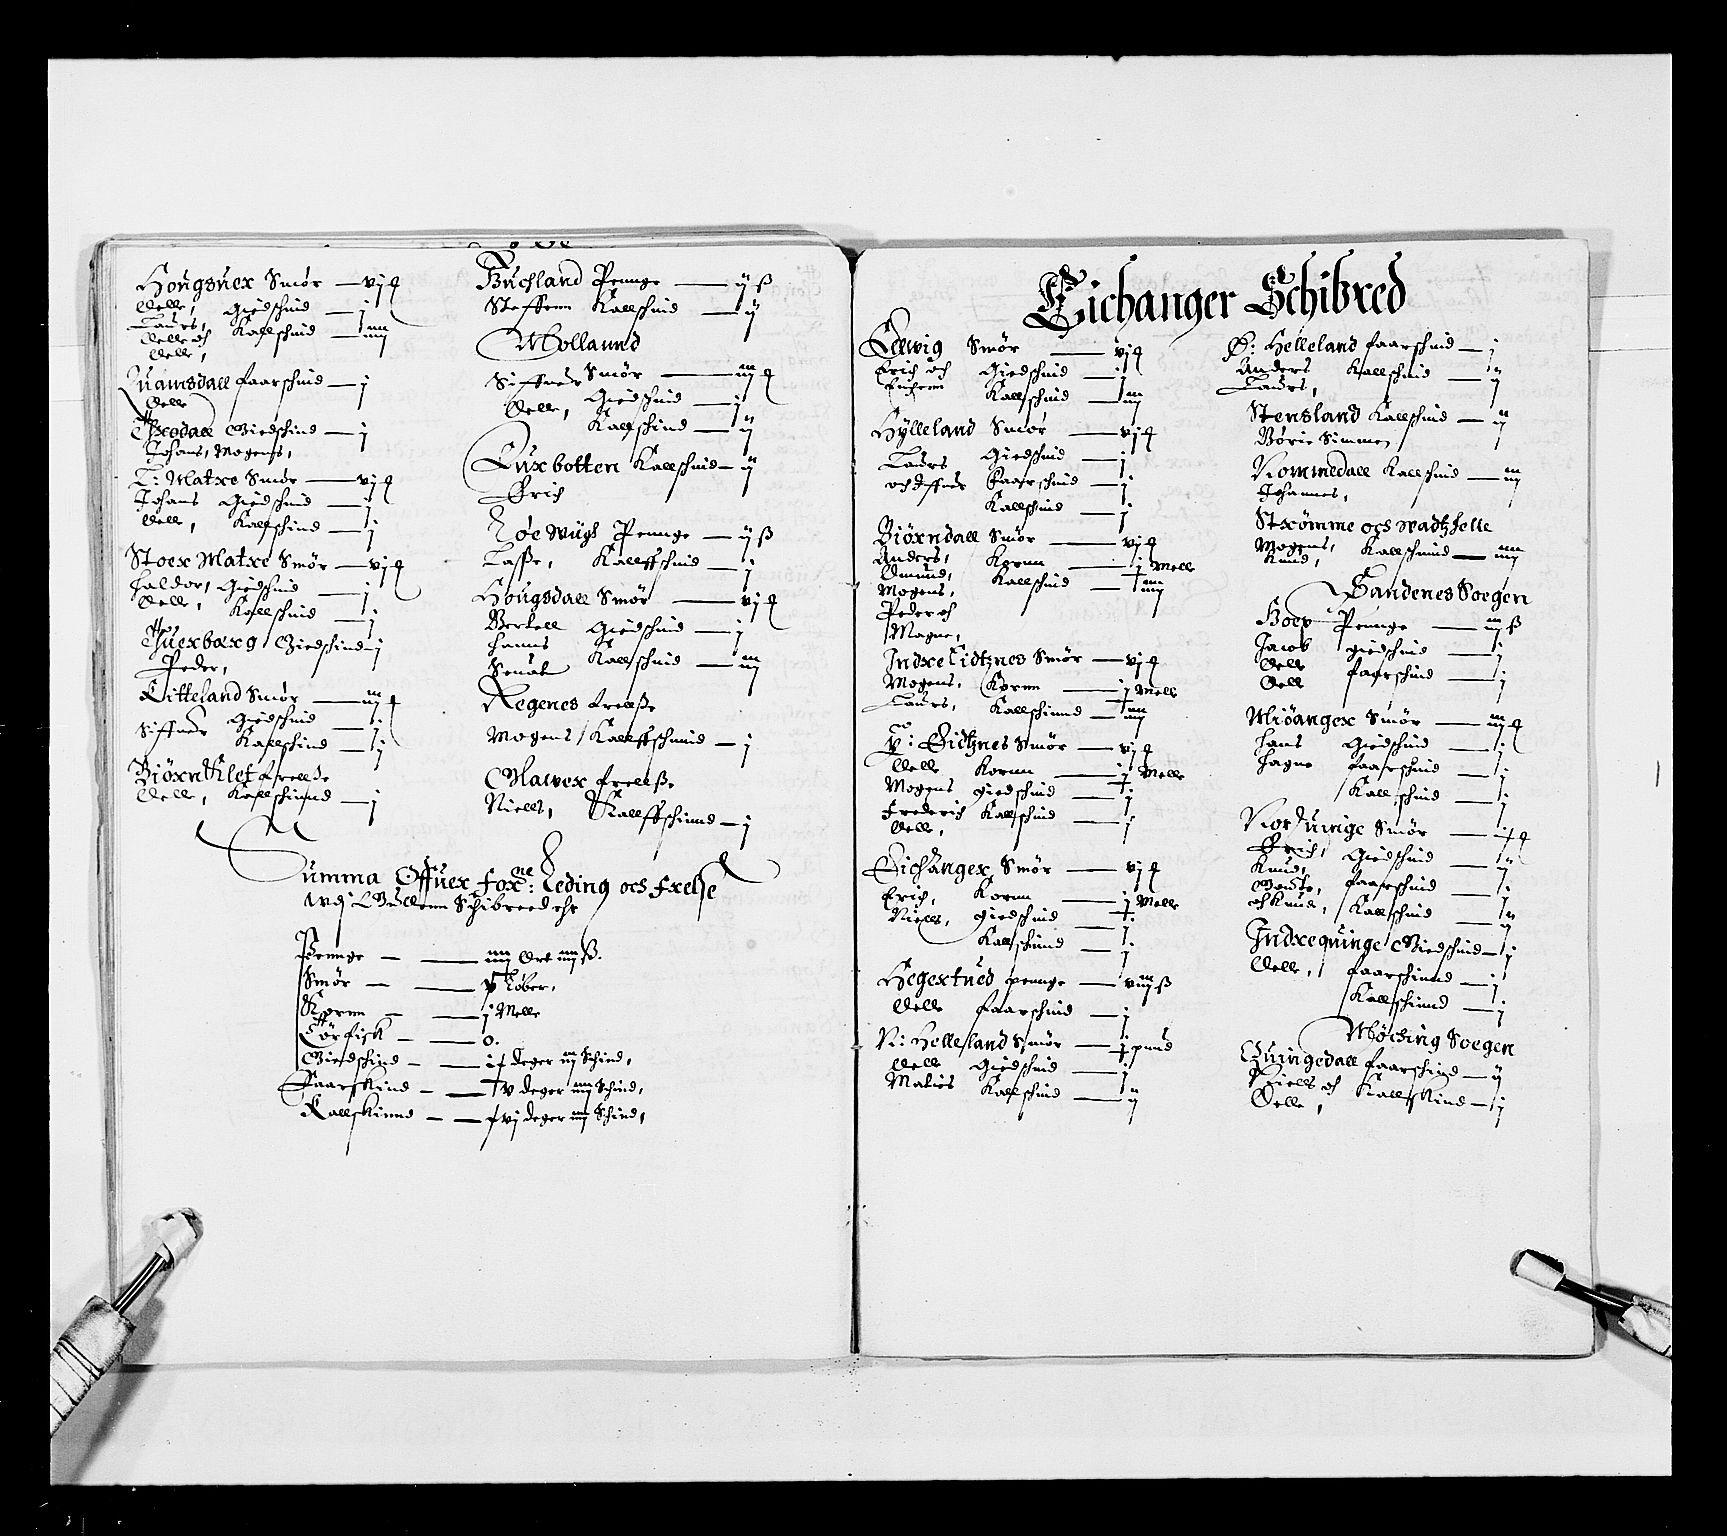 RA, Stattholderembetet 1572-1771, Ek/L0025: Jordebøker 1633-1658:, 1645-1646, s. 97